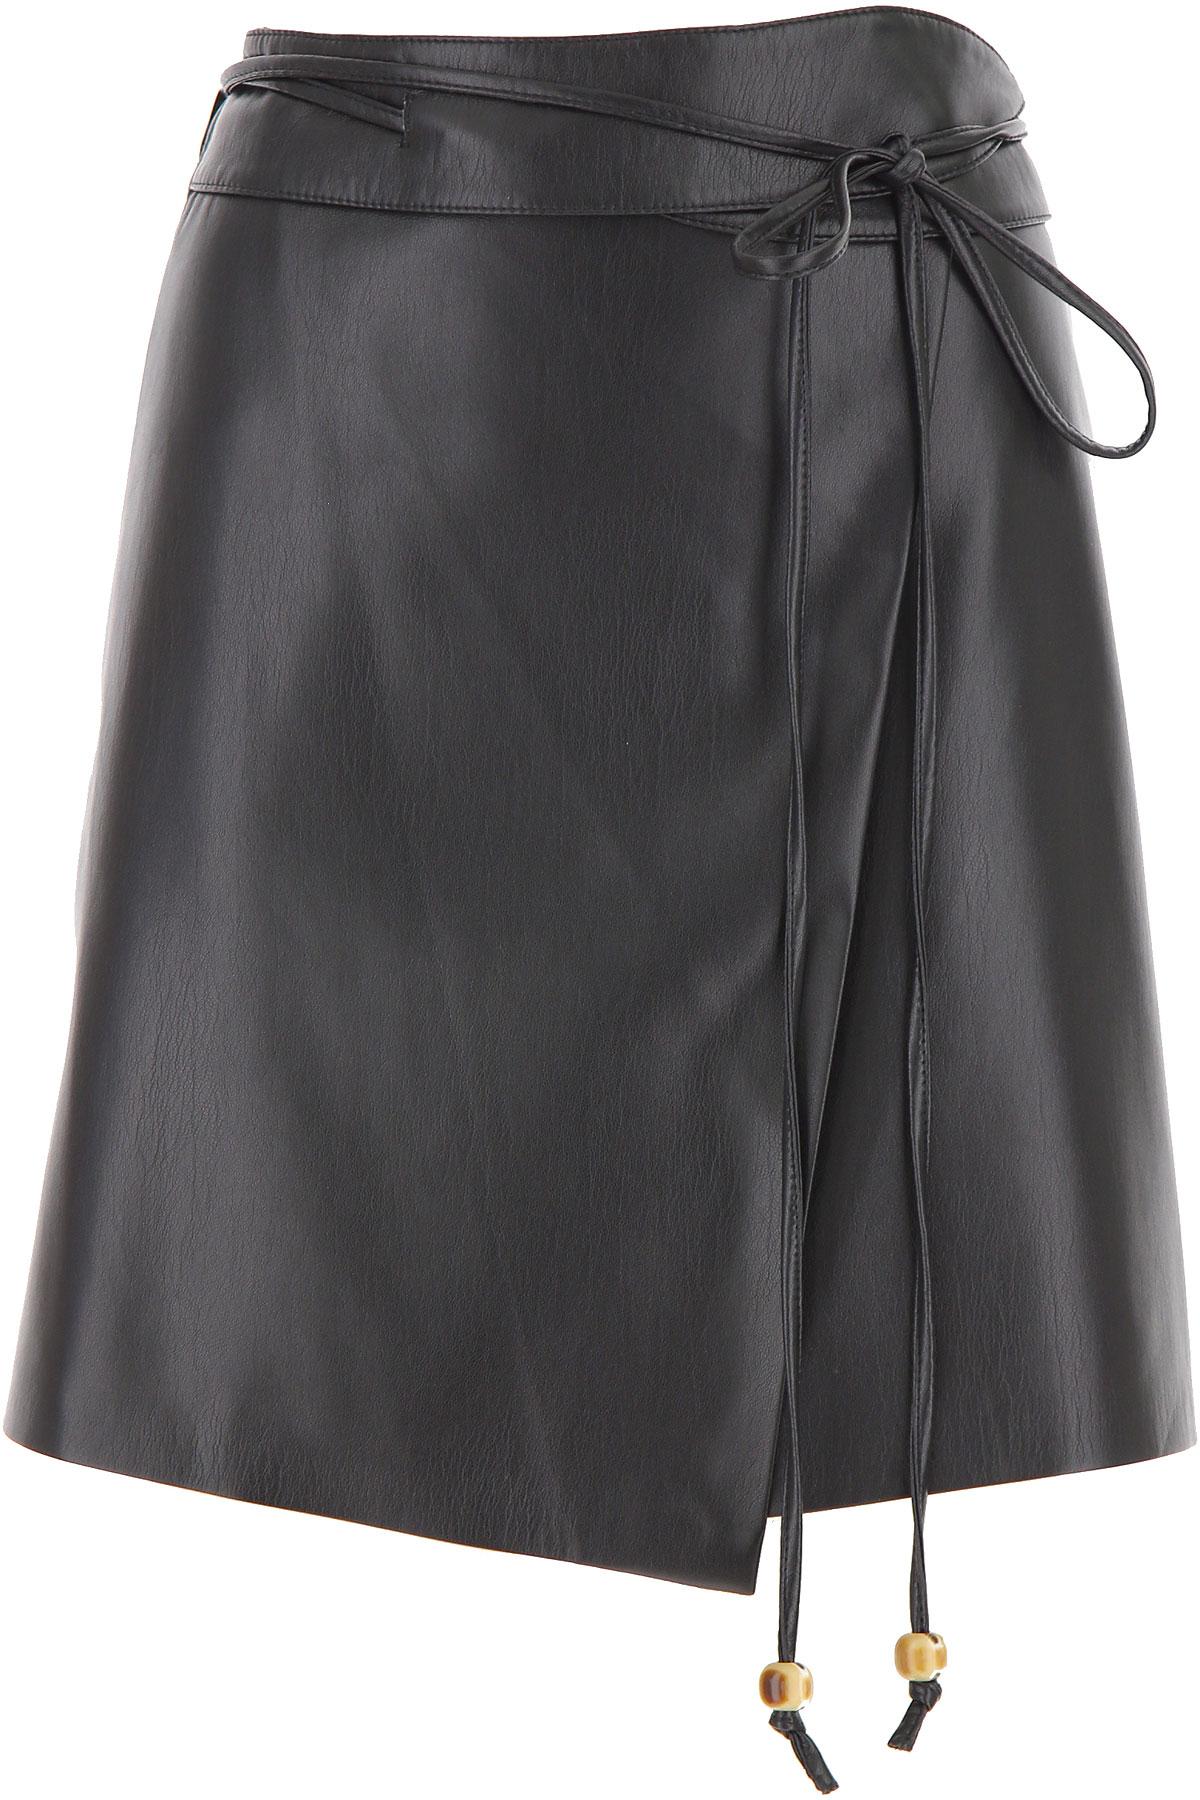 Nanushka Skirt for Women On Sale, Black, polyestere, 2019, S (IT 40) M (IT 42 )